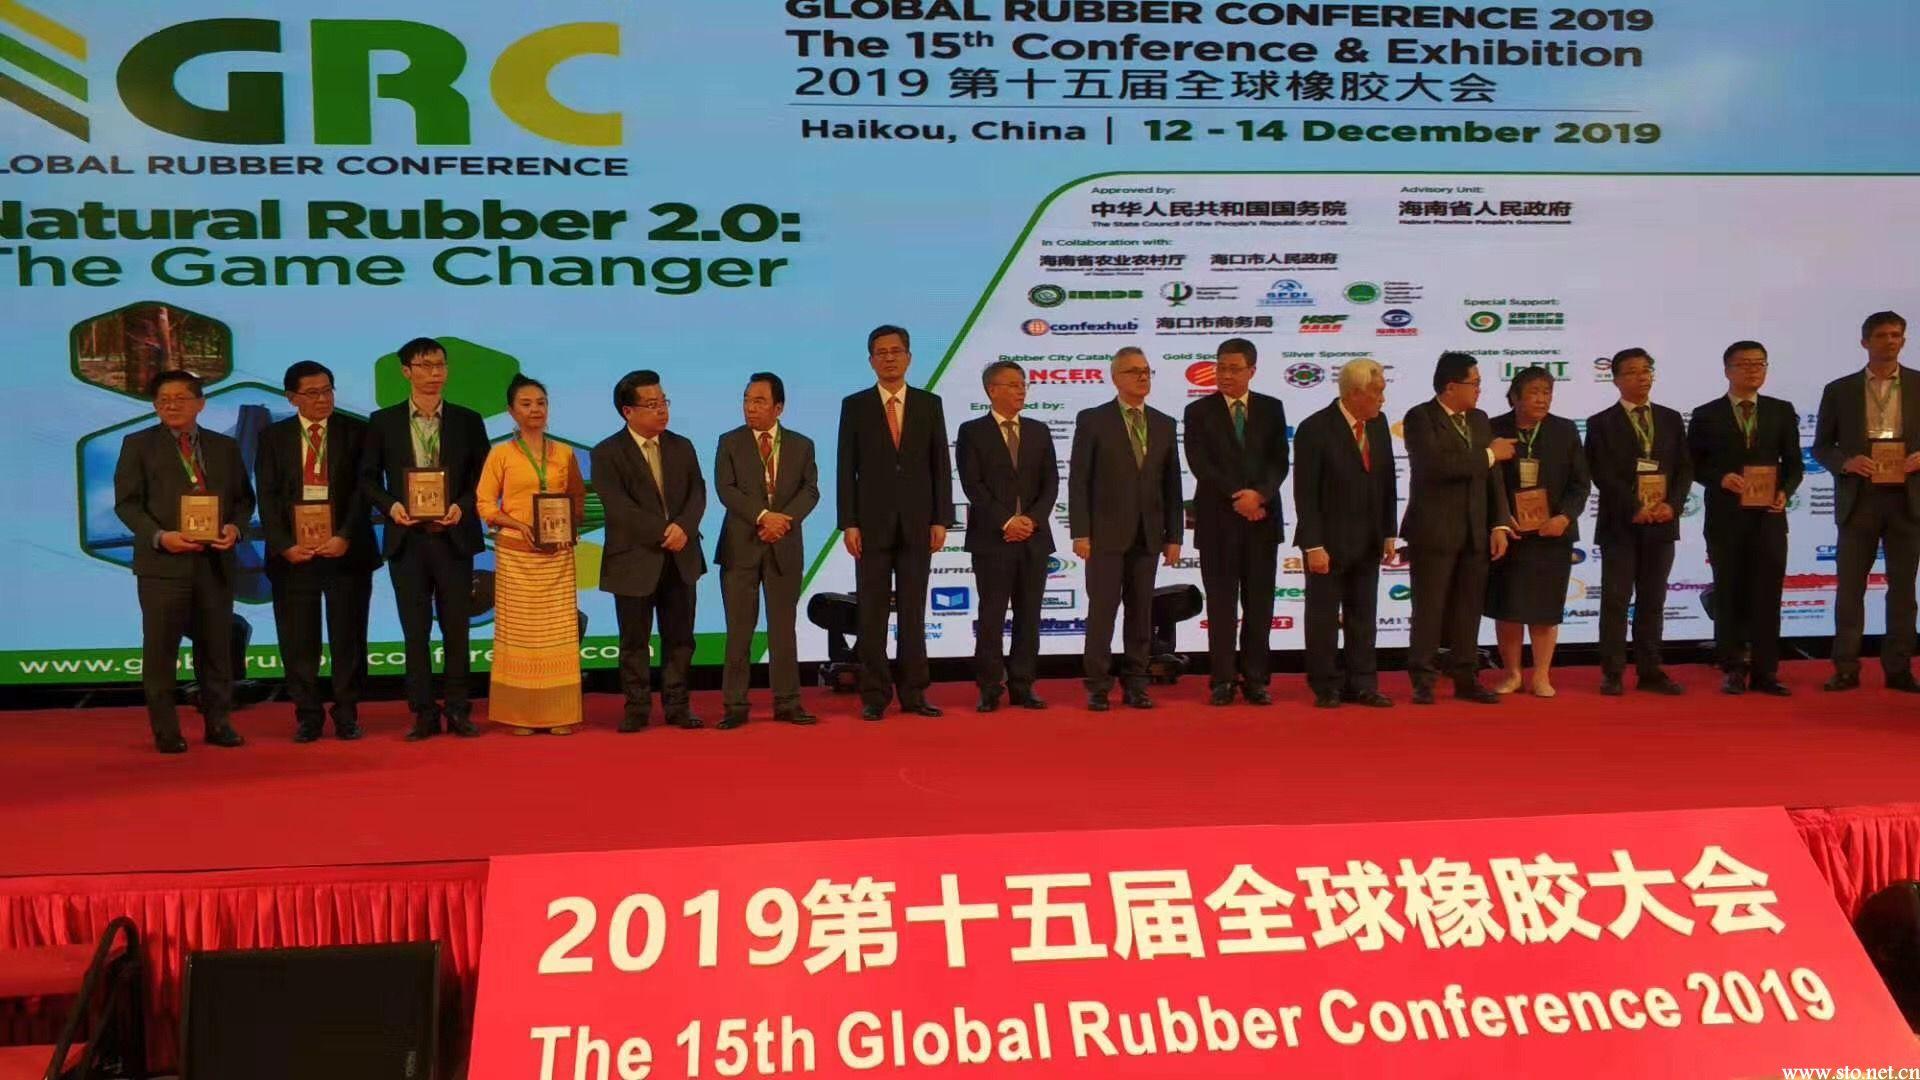 「必威体育betway888」全球橡胶专家齐聚海口谋划产业振兴